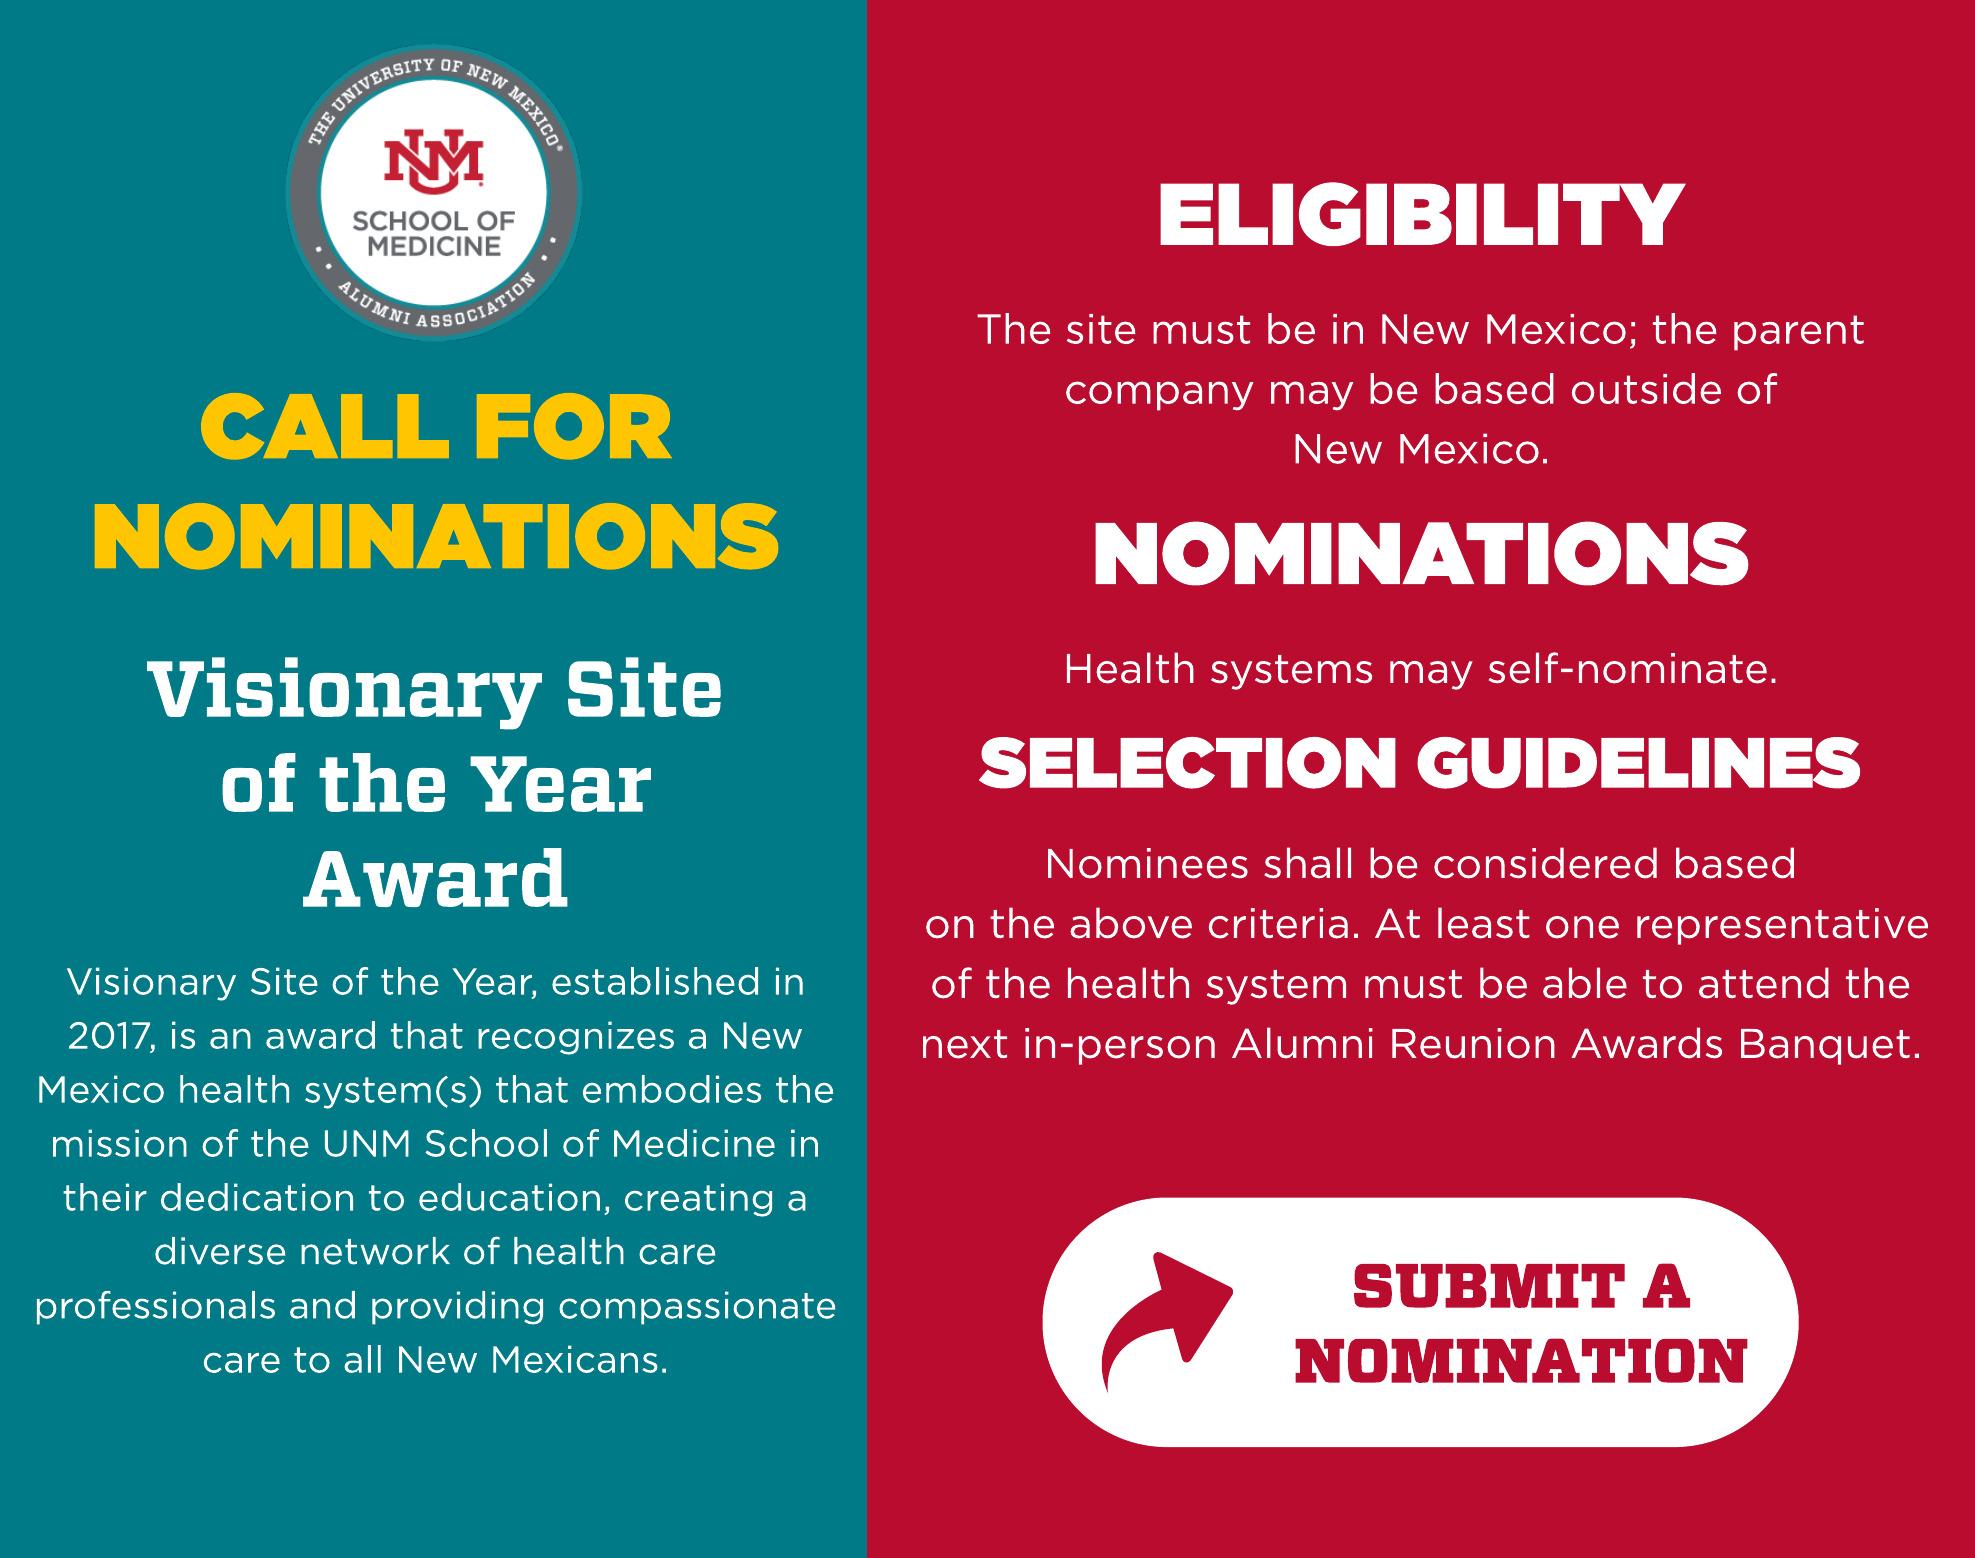 Տարվա տեսլական կայք մրցանակ մրցանակ անվանակարգերի համար